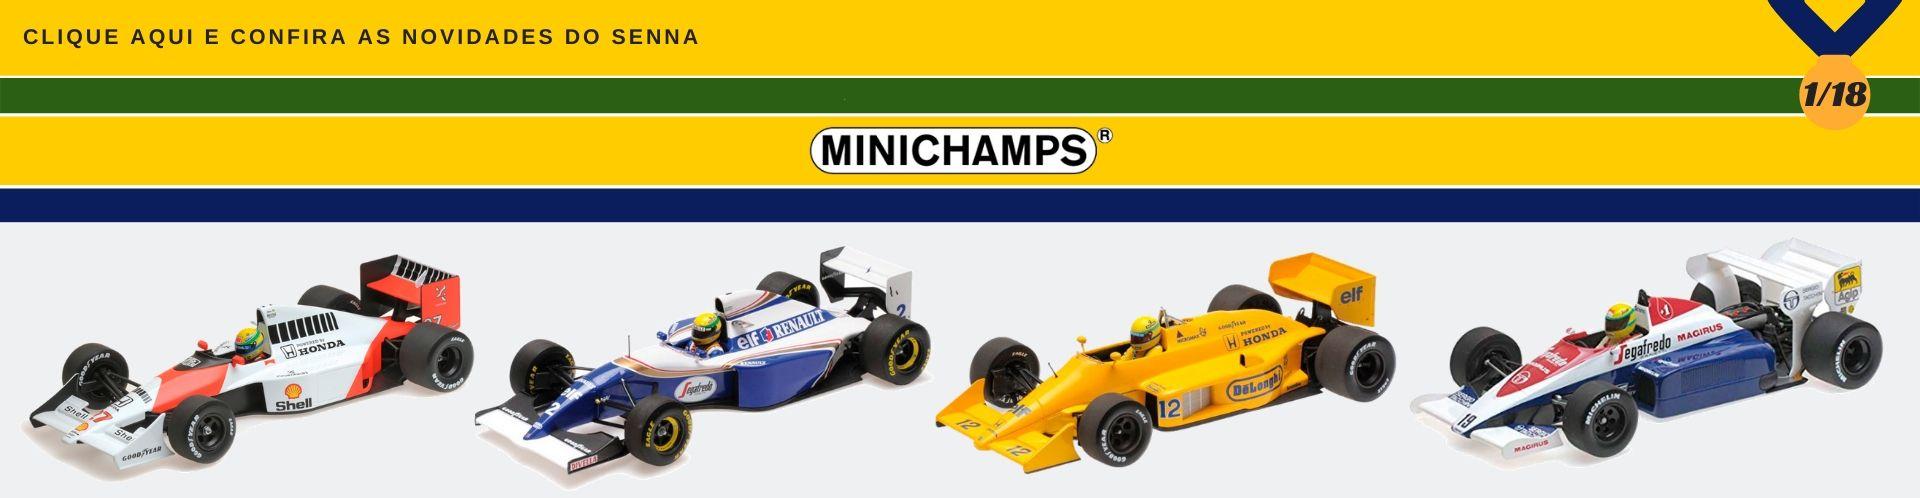 Minichamps Senna